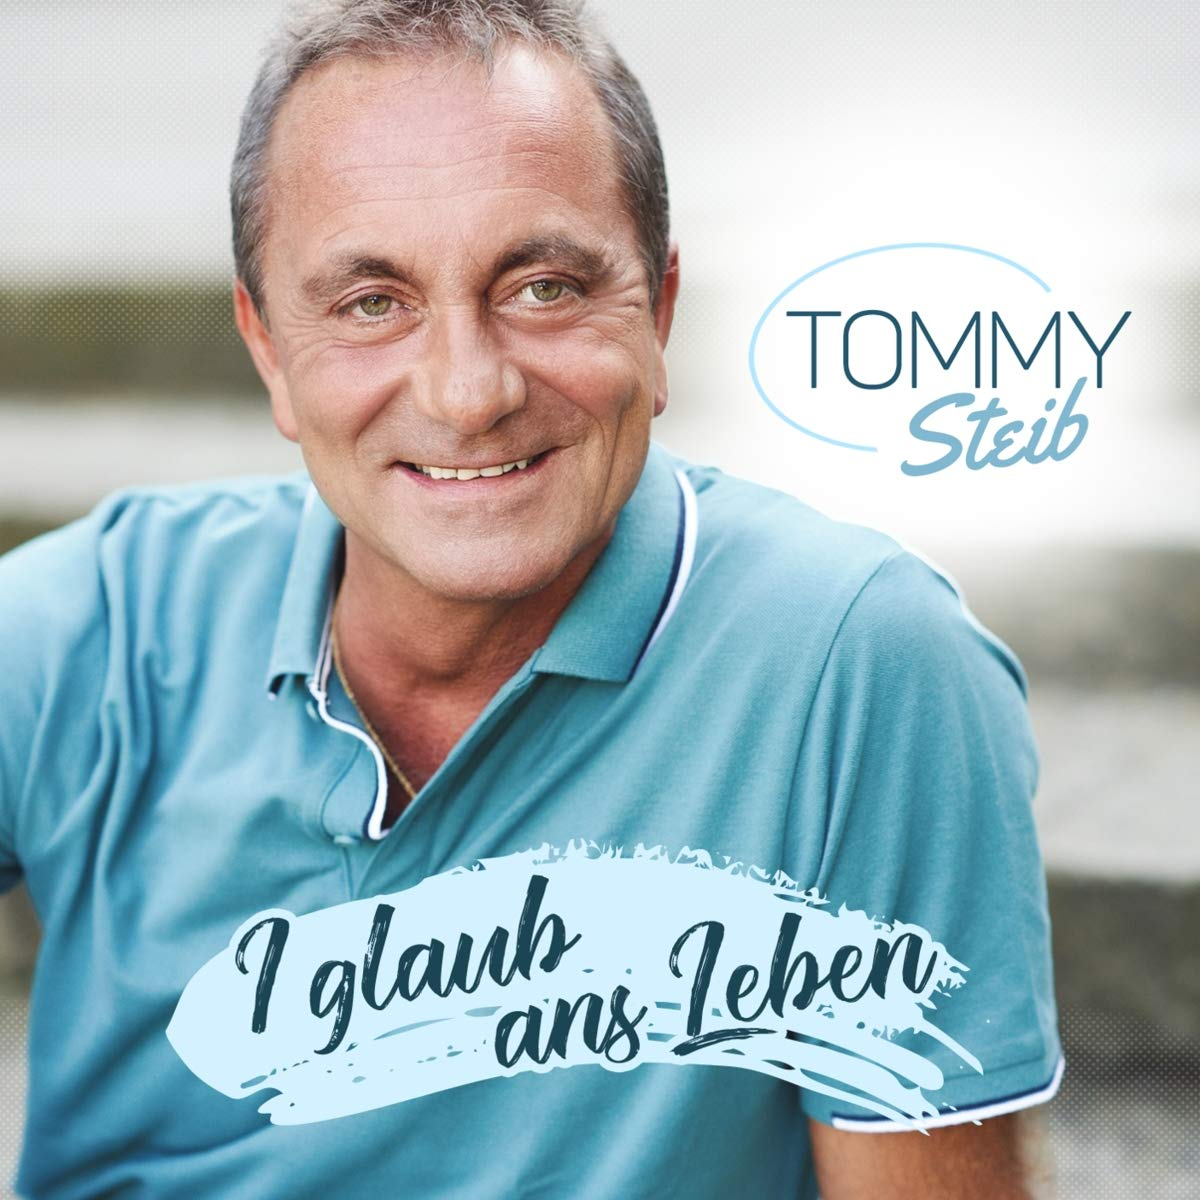 TOMMY STEIB * I glaub ans Leben (CD)